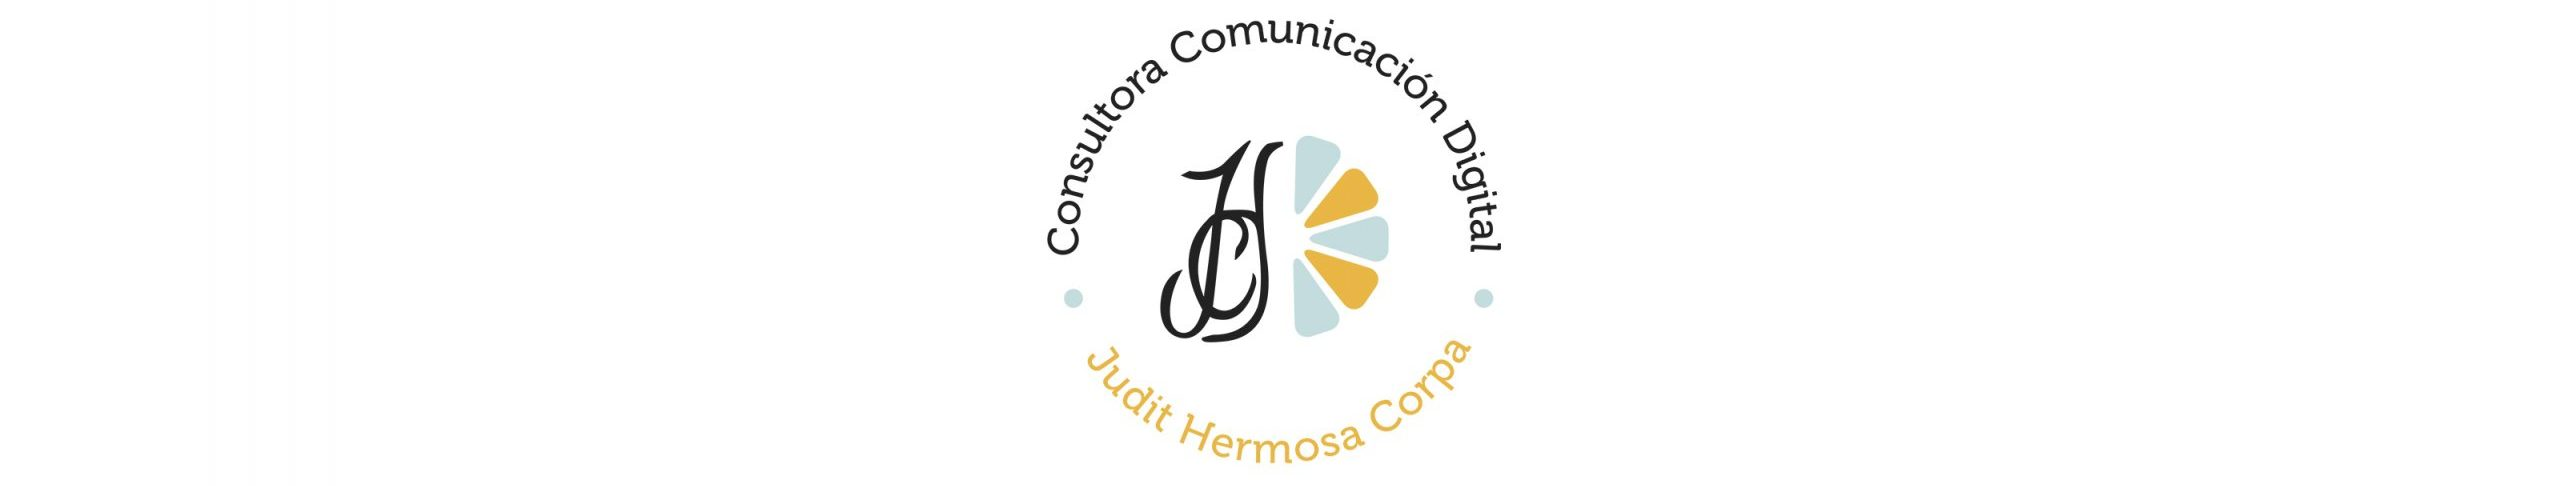 Judit Hermosa Corpa Consultora Comunicación Digital